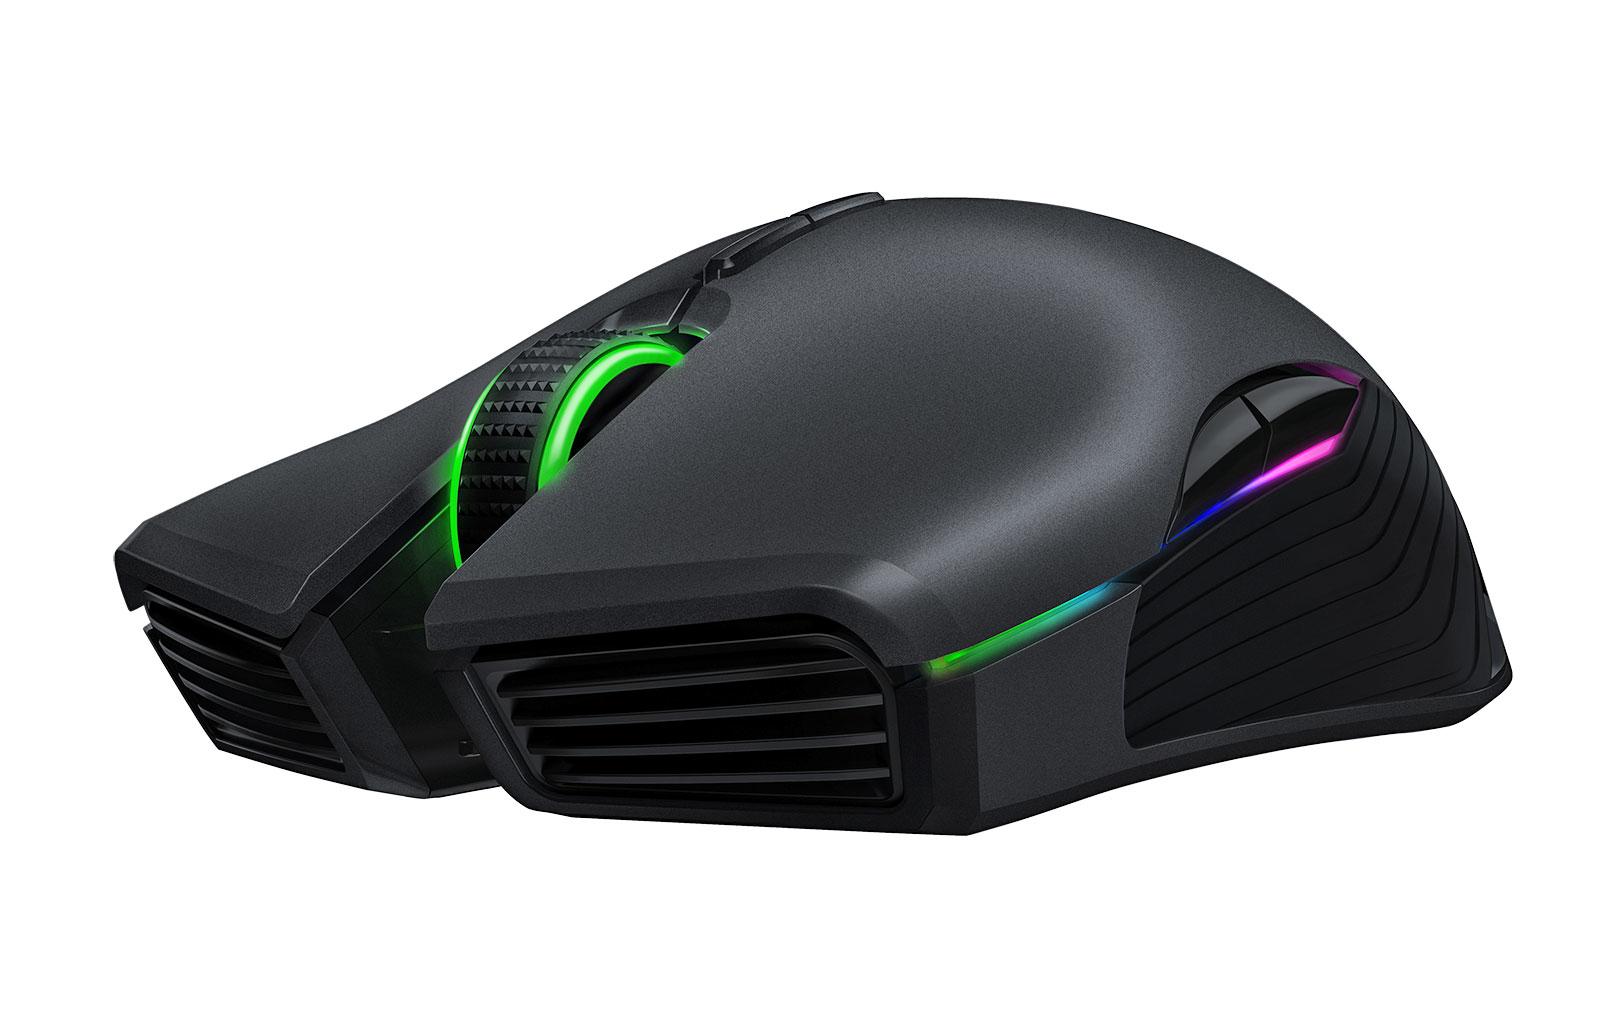 El nuevo roedor de Razer busca colarse en los eSports sin cables